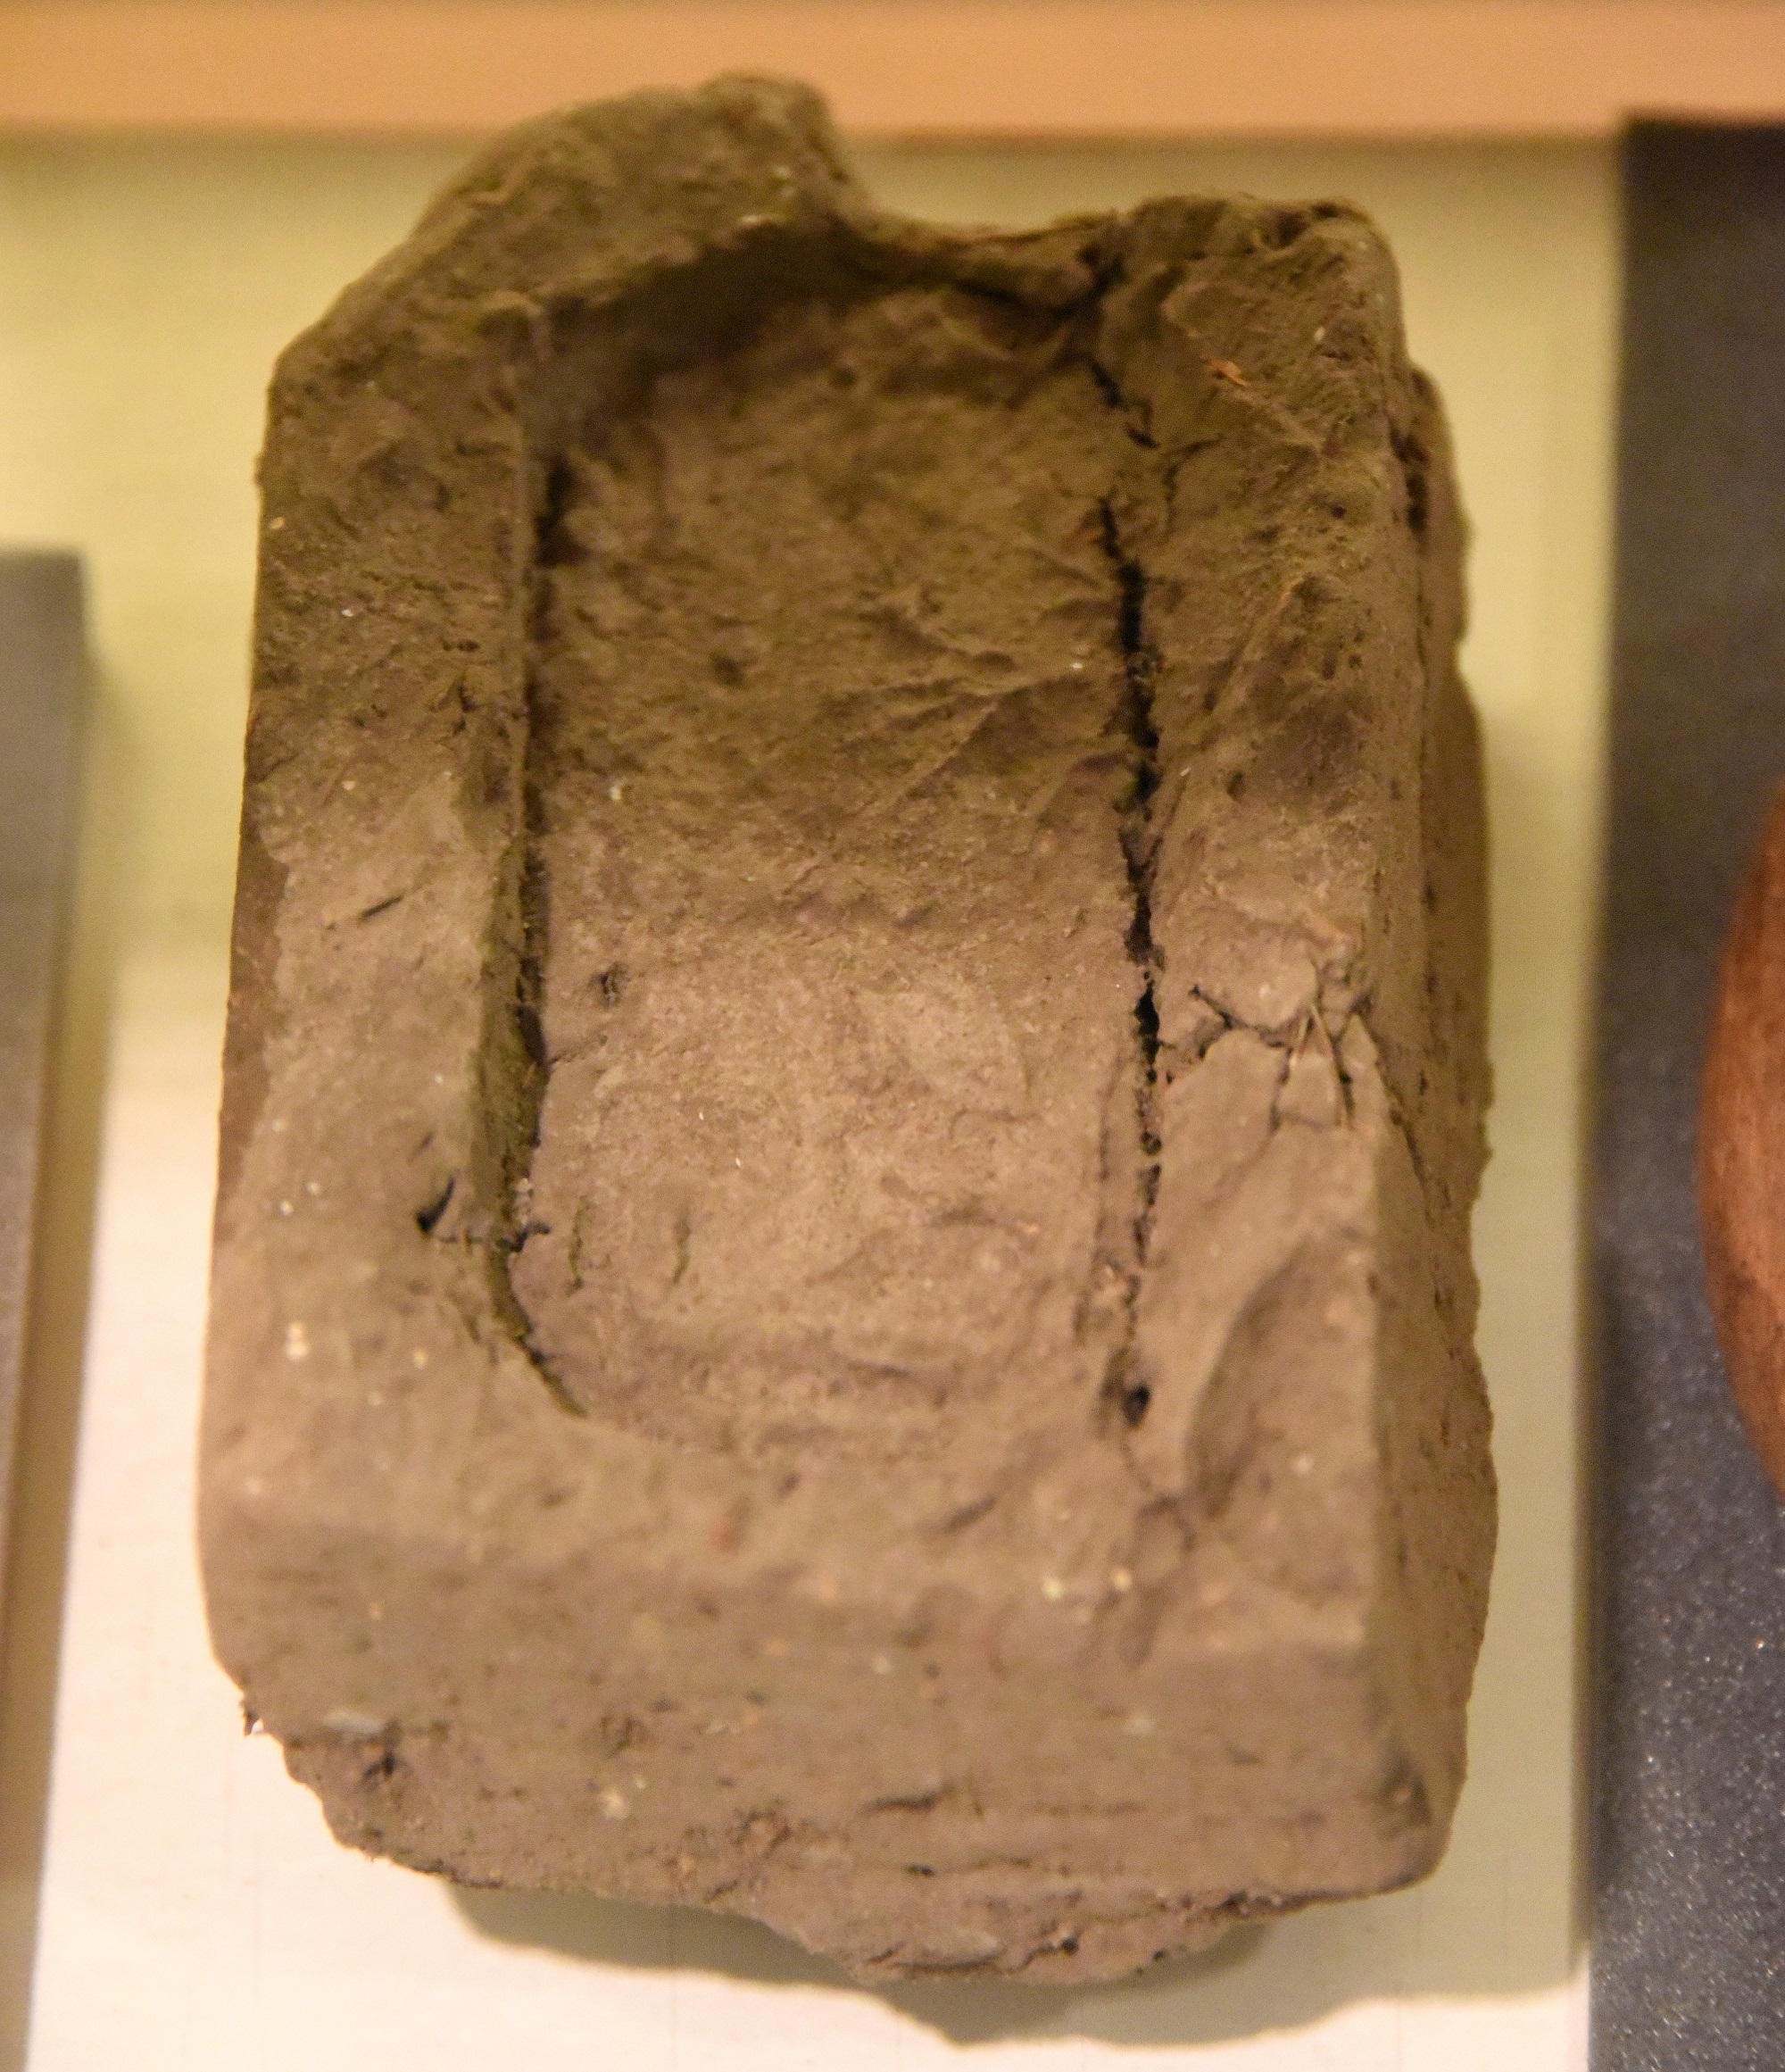 上图:古埃及十二王朝(主前1991-1802年)的泥砖,上面印着印。先存于伦敦皮特里埃及考古博物馆(The Petrie Museum of Egyptian Archaeology)。